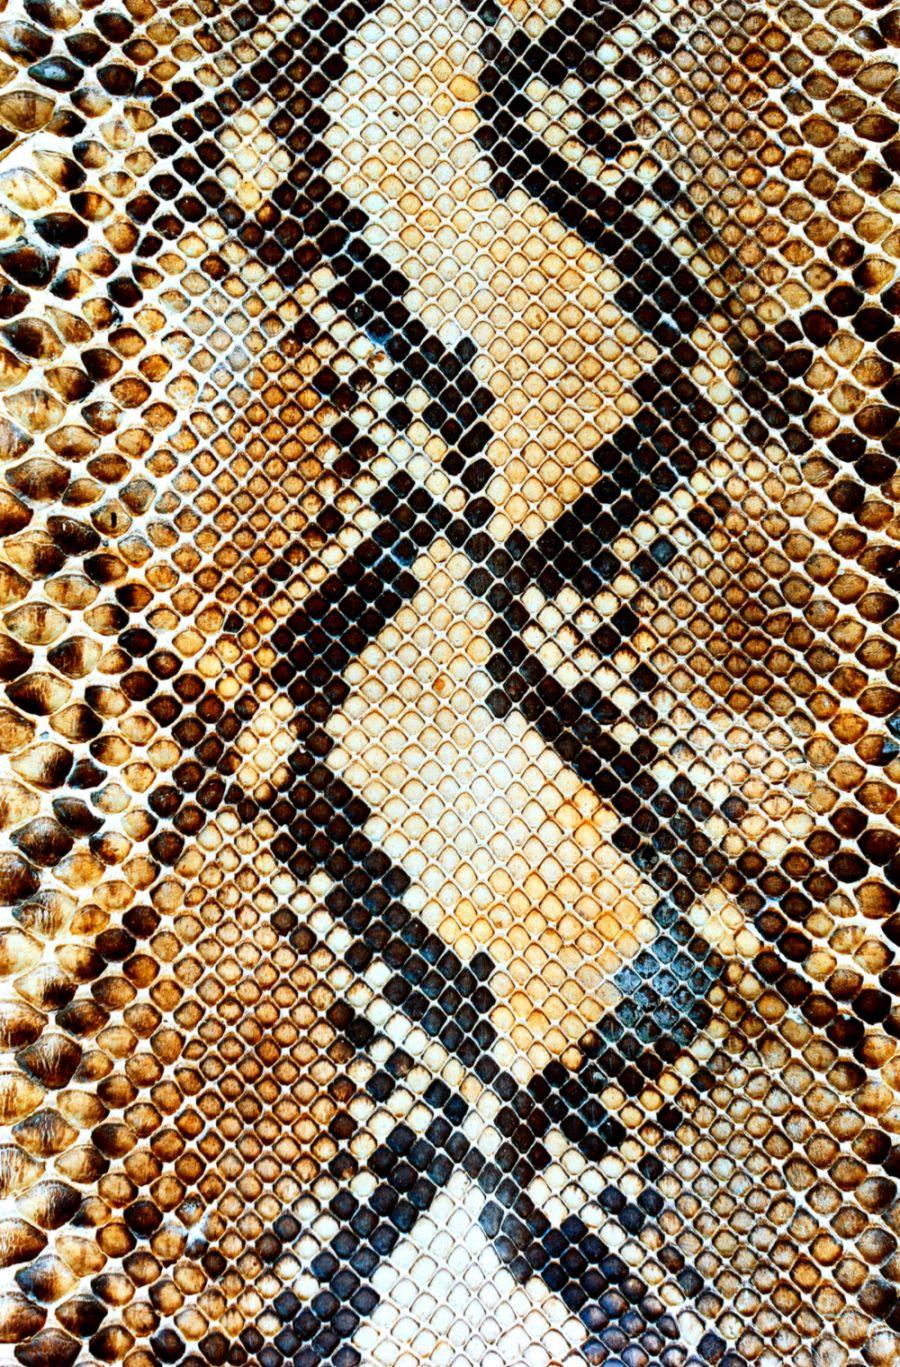 Snake Skin Wallpaper Pixell Wallpapers